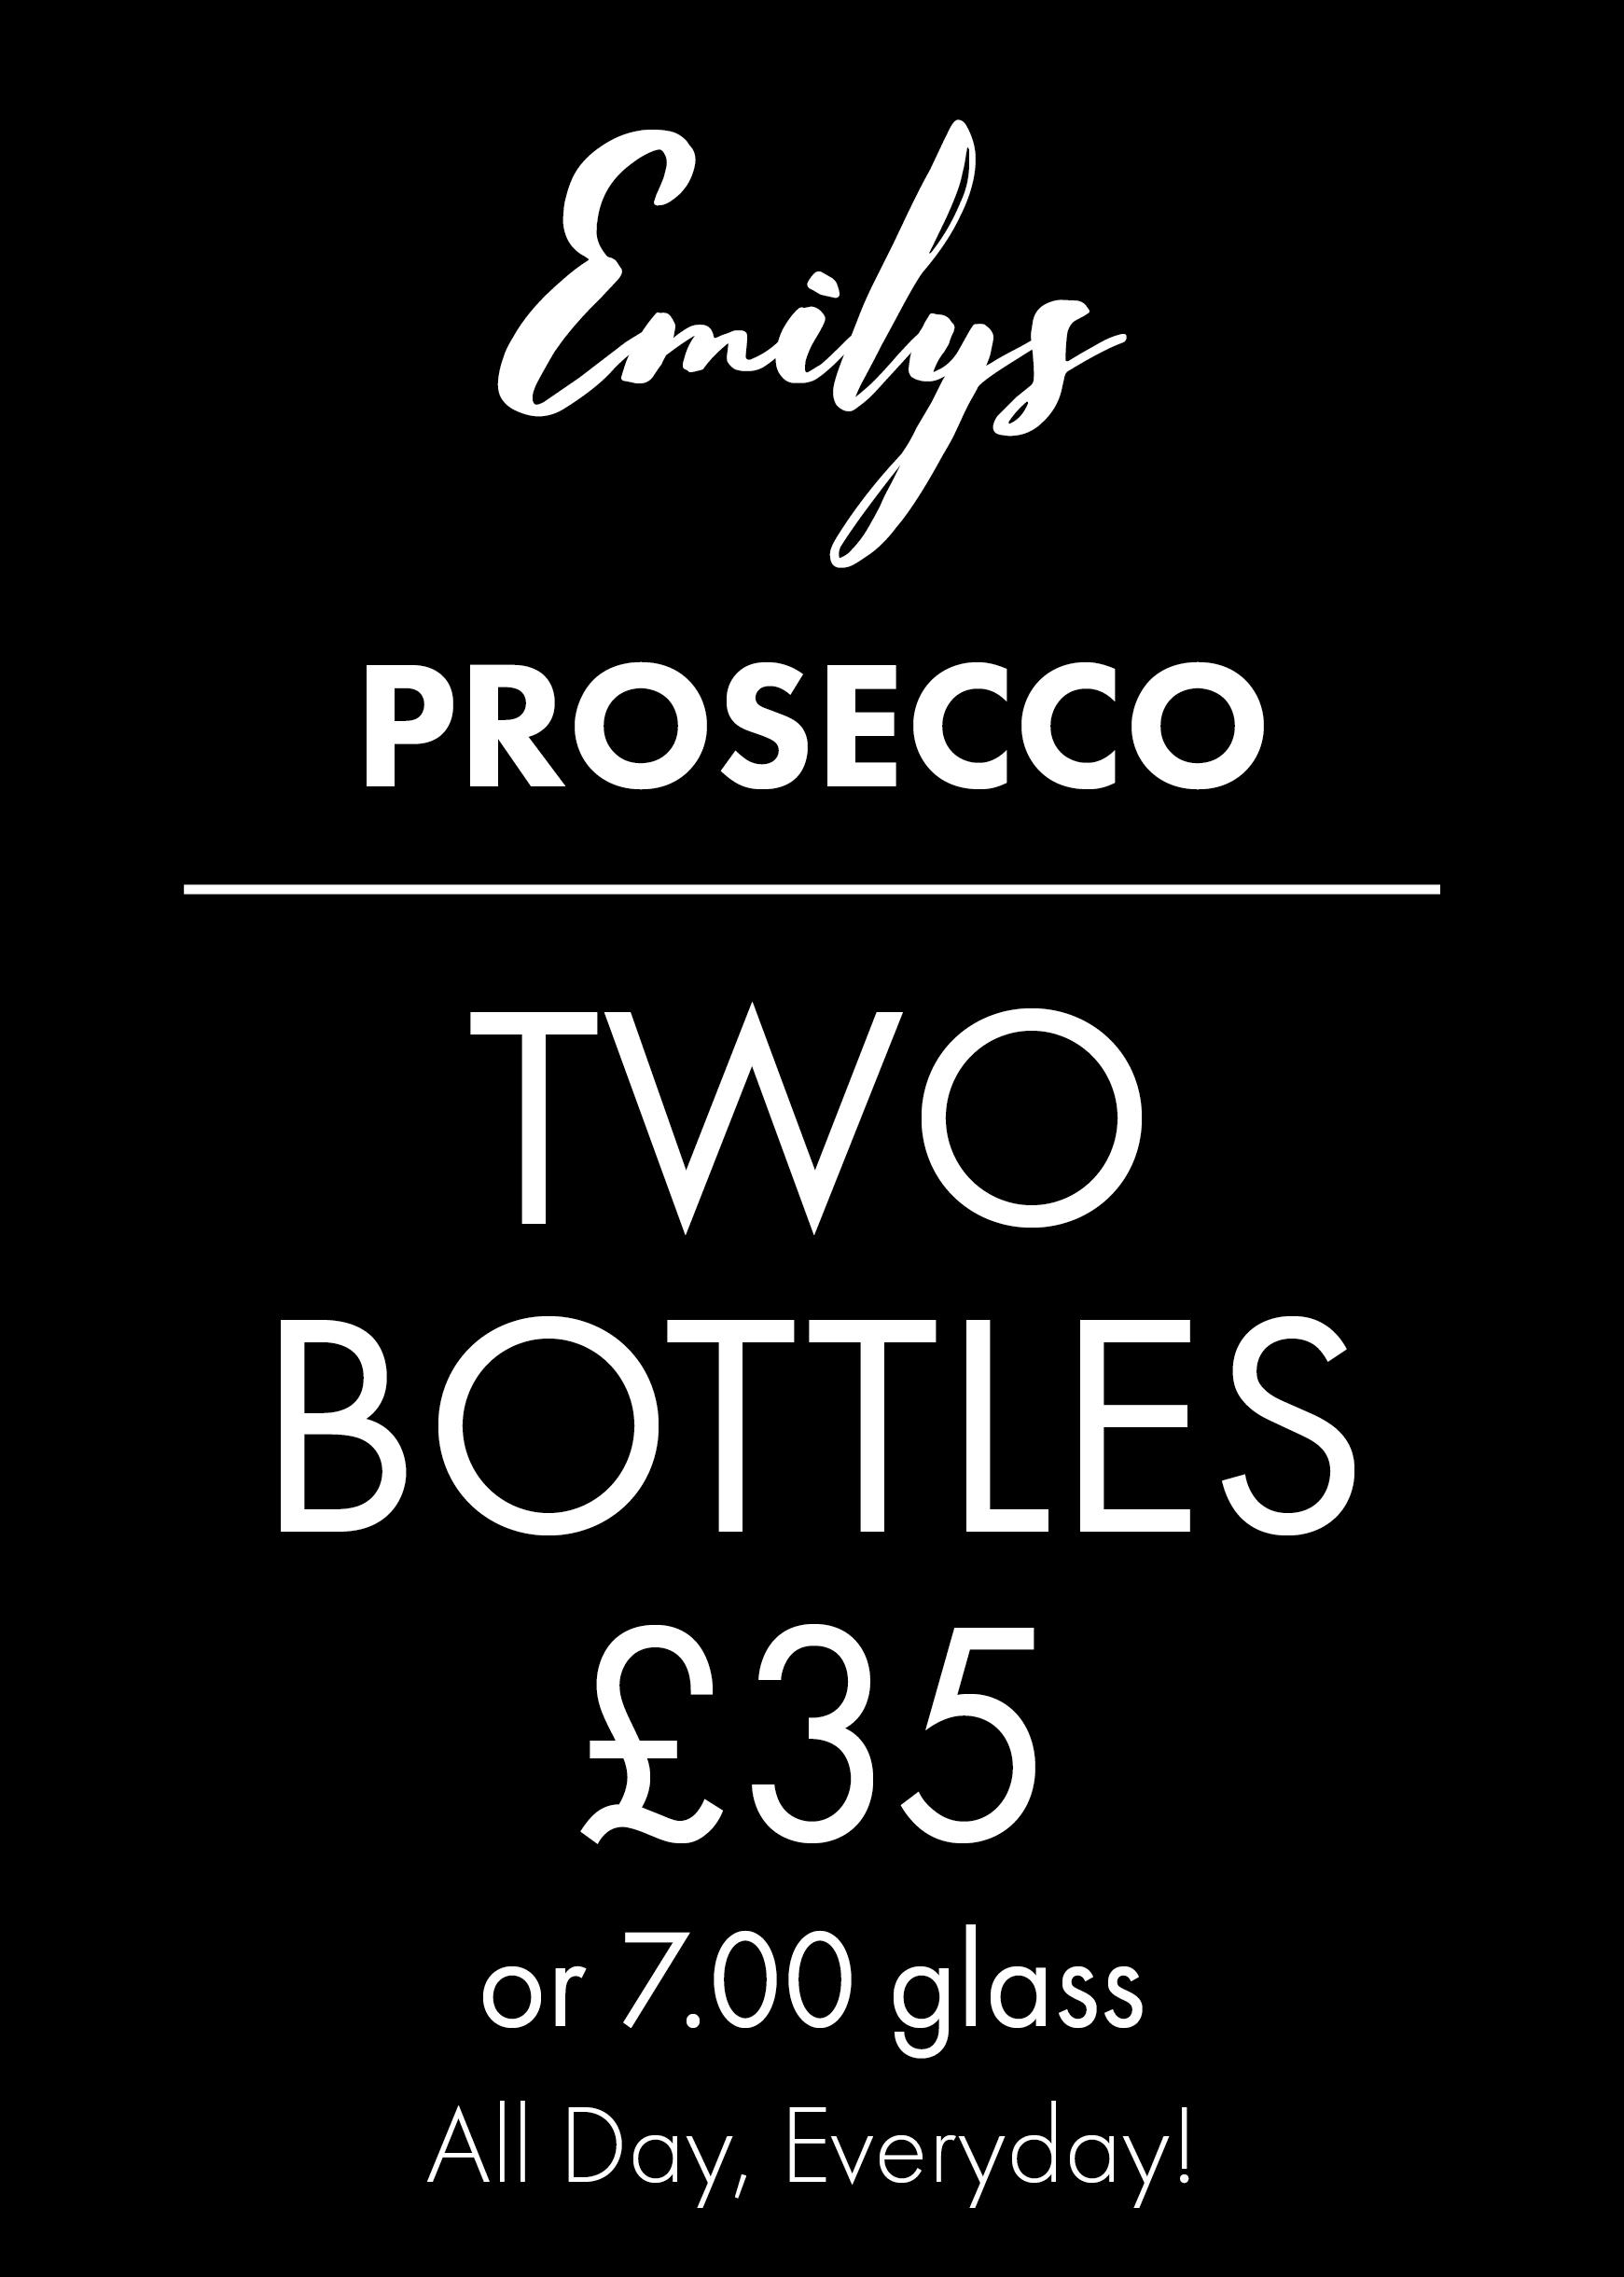 PROSECCO 2 FOR £35